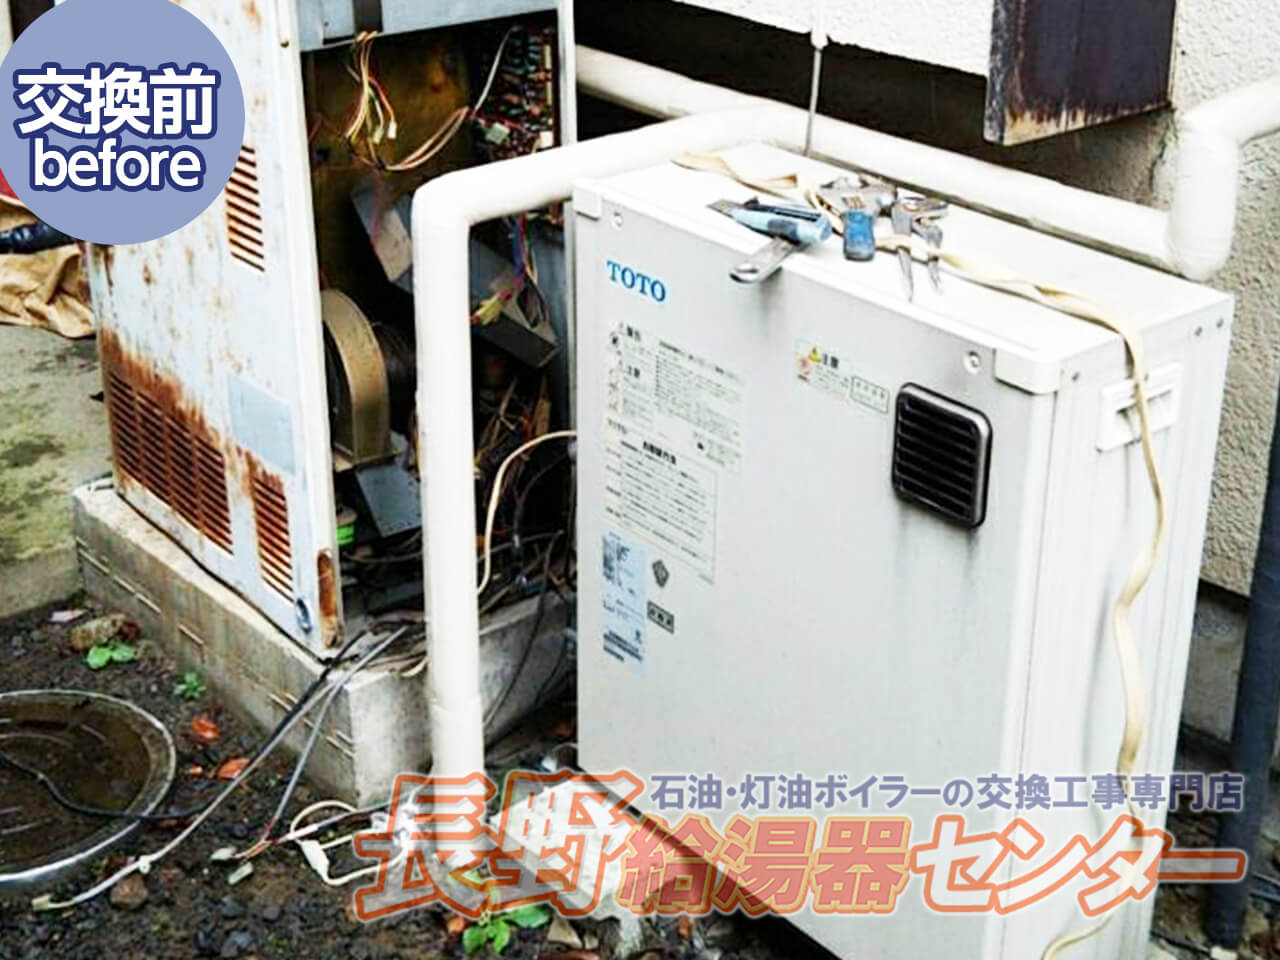 長野市 RPH33KからUKB-SA470AMXへ交換工事